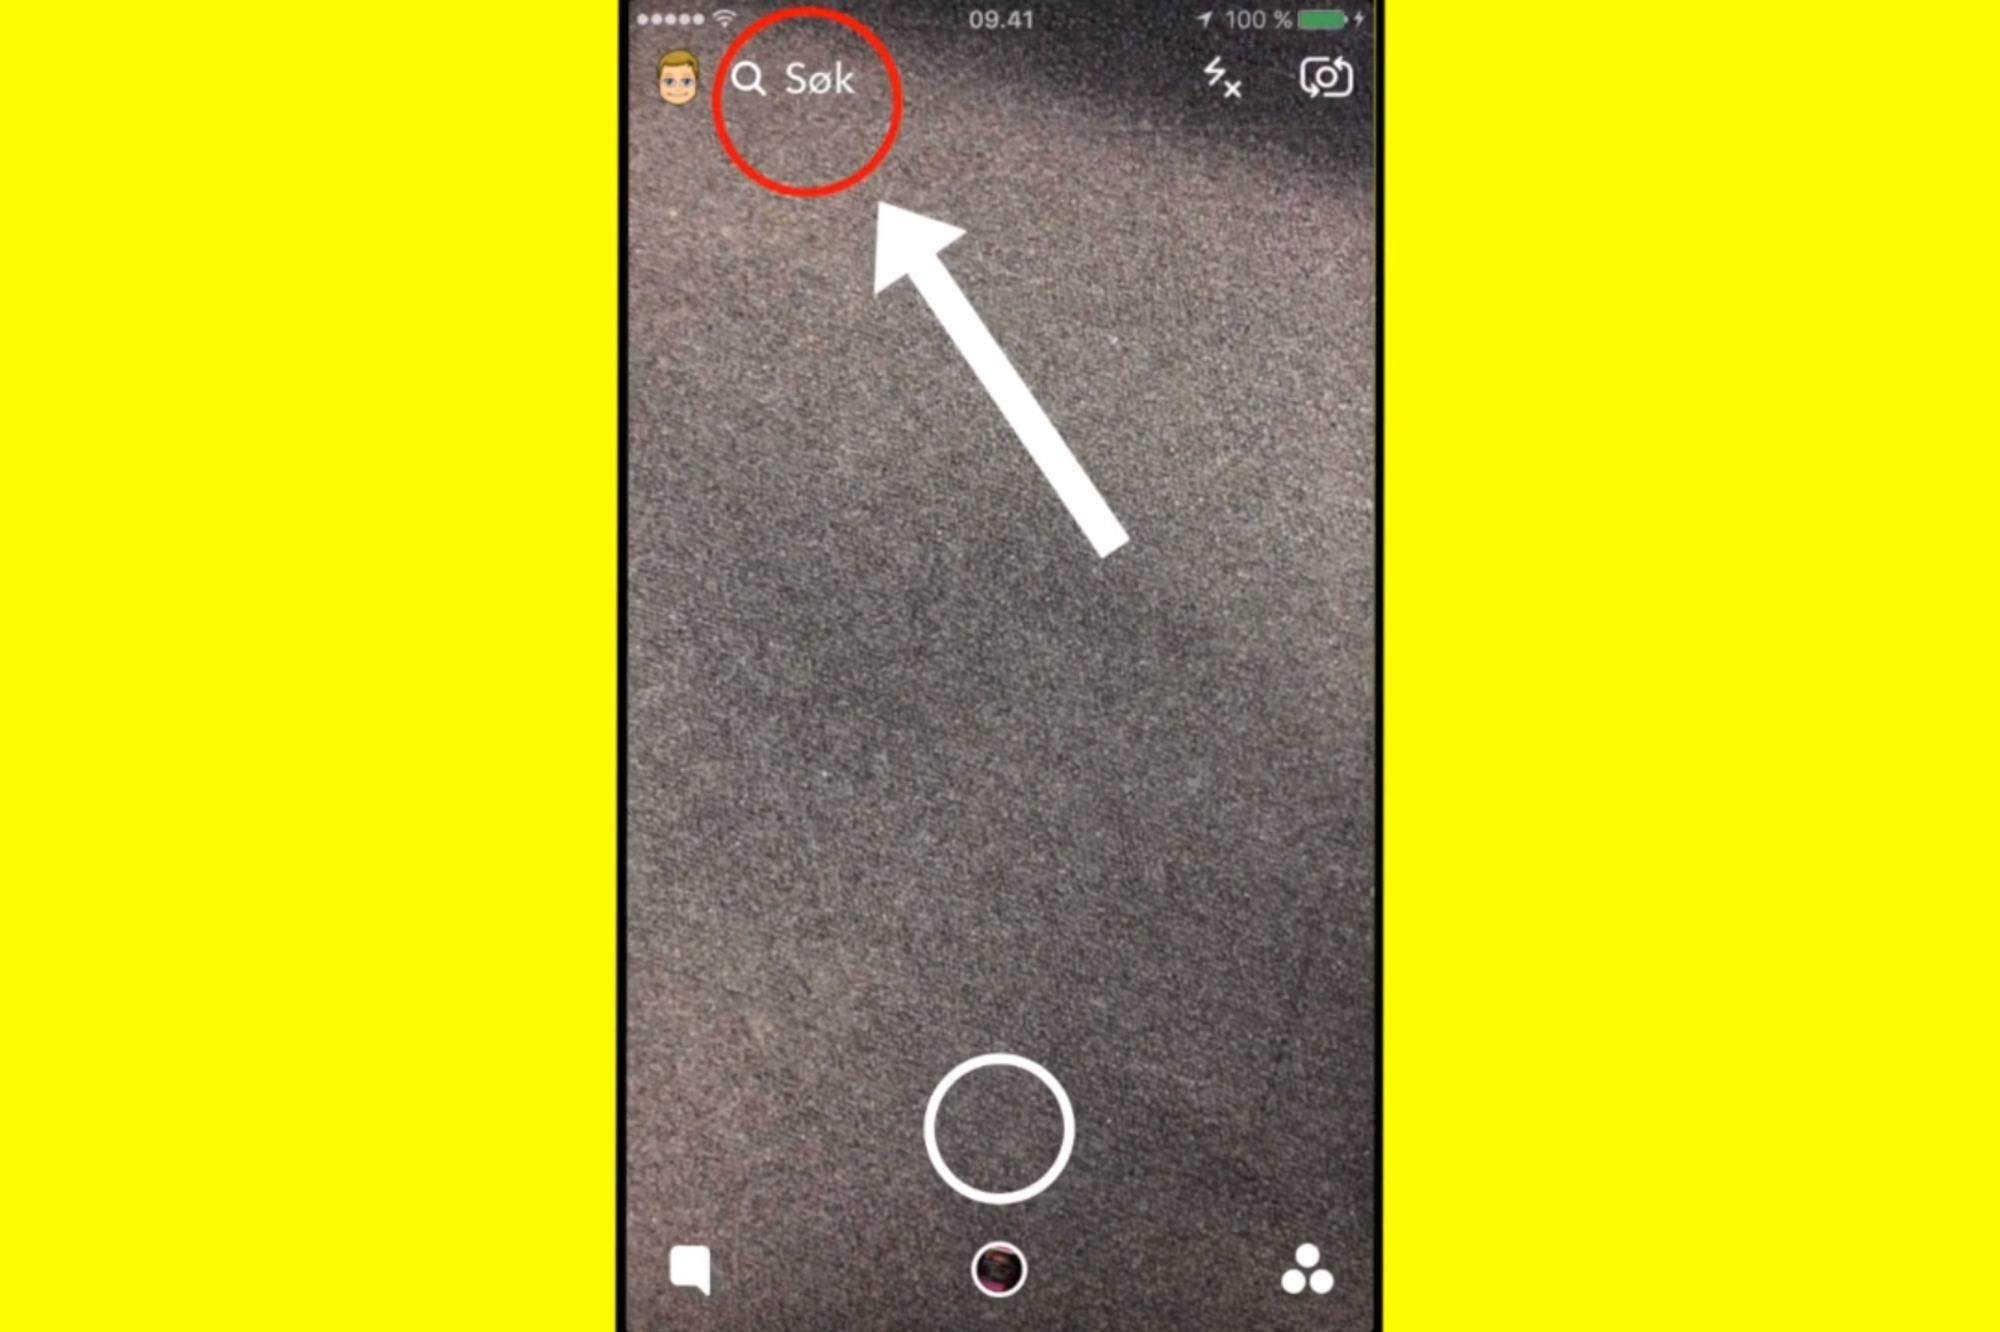 60f59c2cc Her er de nyeste Snapchat-funksjonene - Smart, annonsørinnhold fra ...